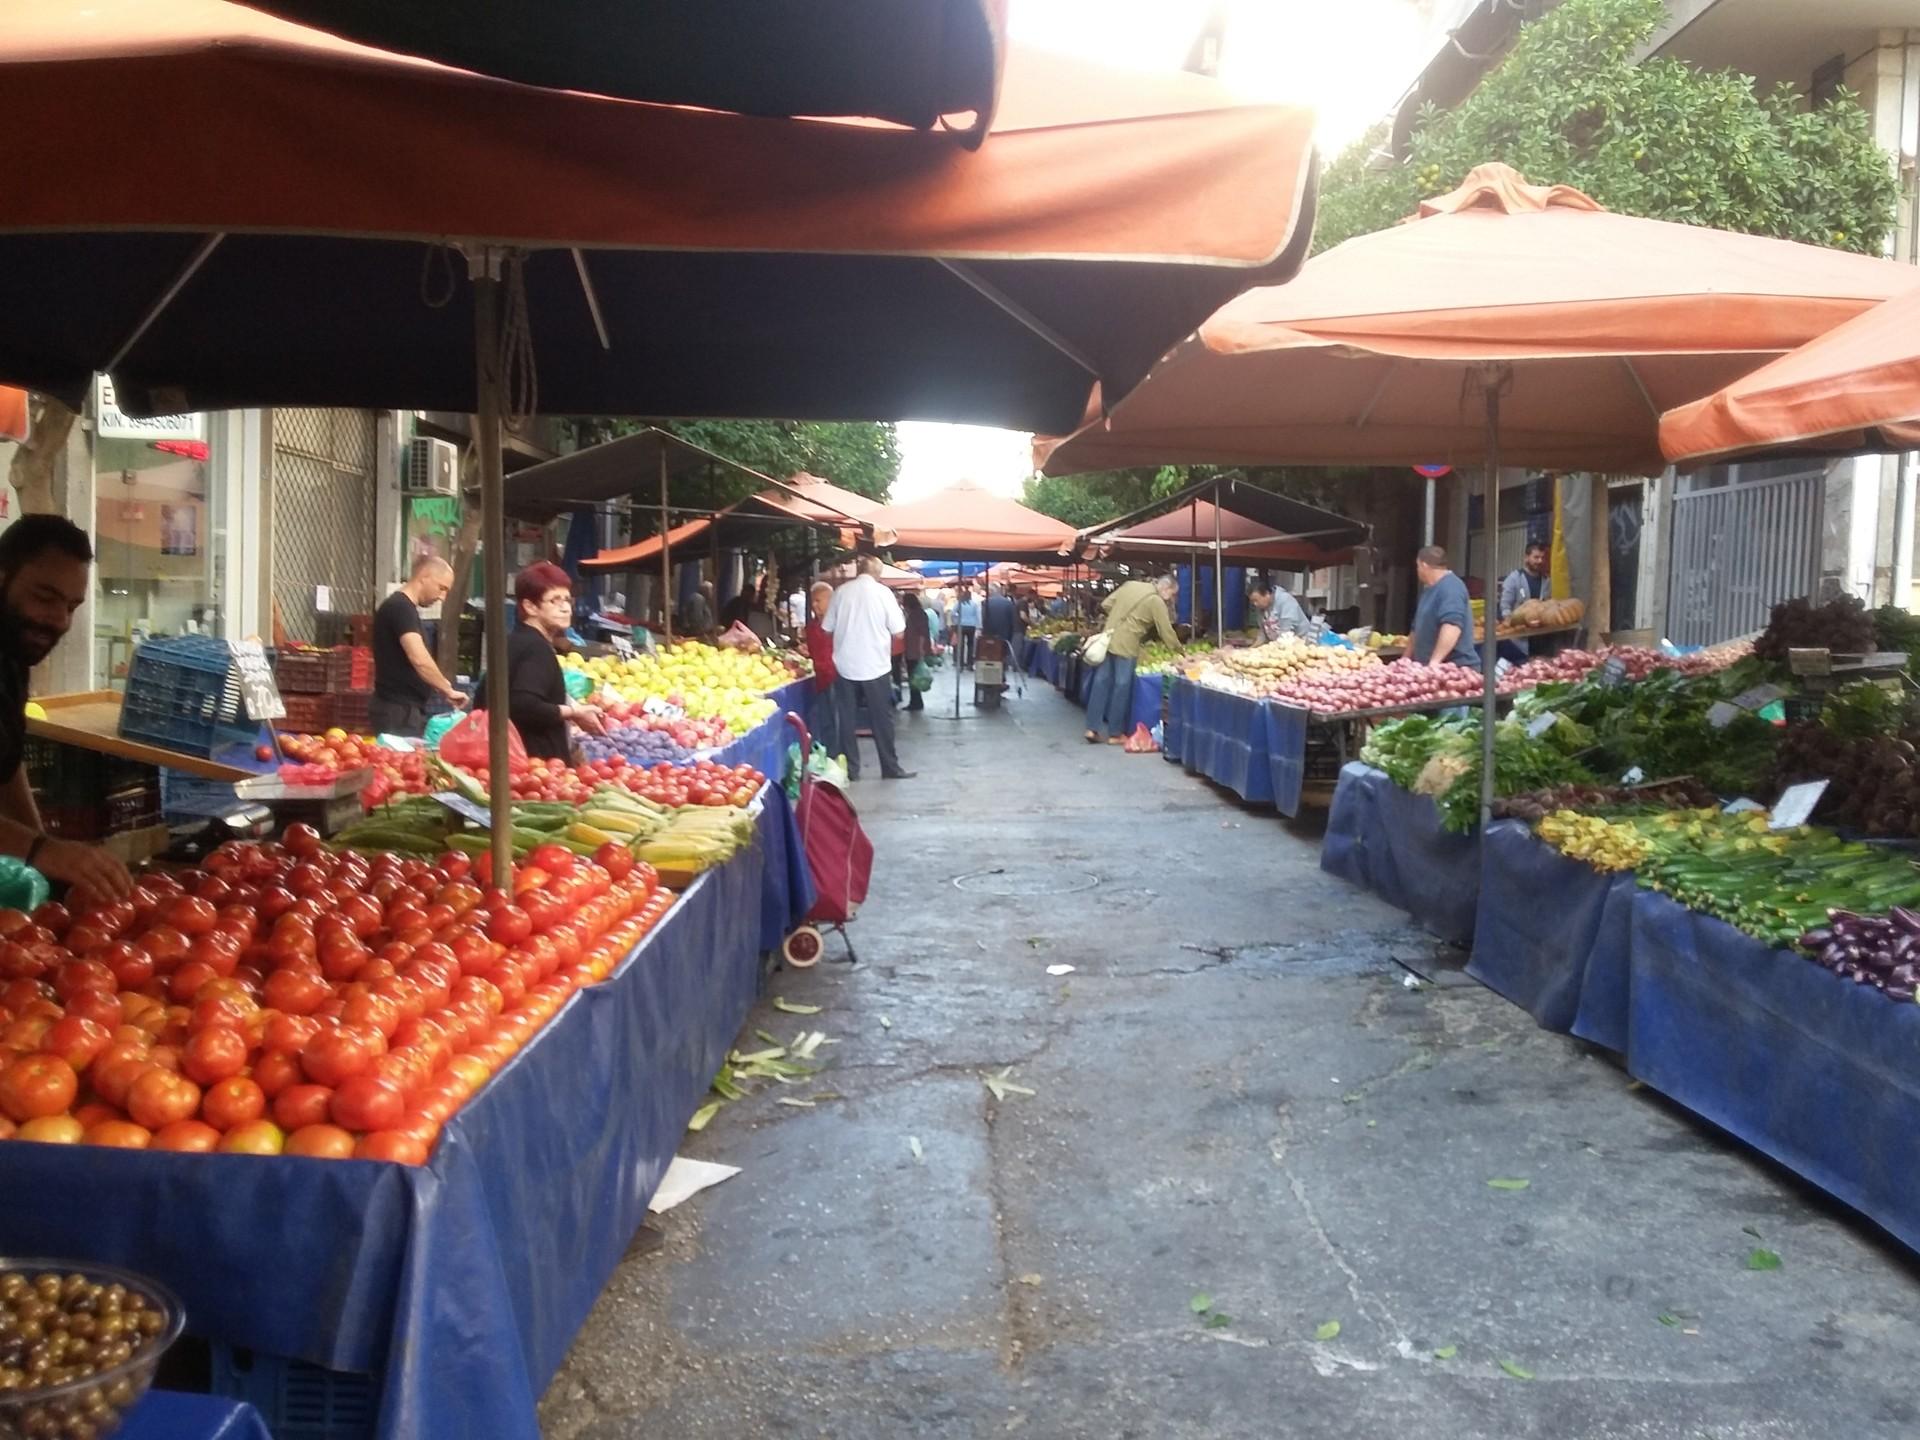 Mi experiencia Erasmus llena de contrastes en Atenas